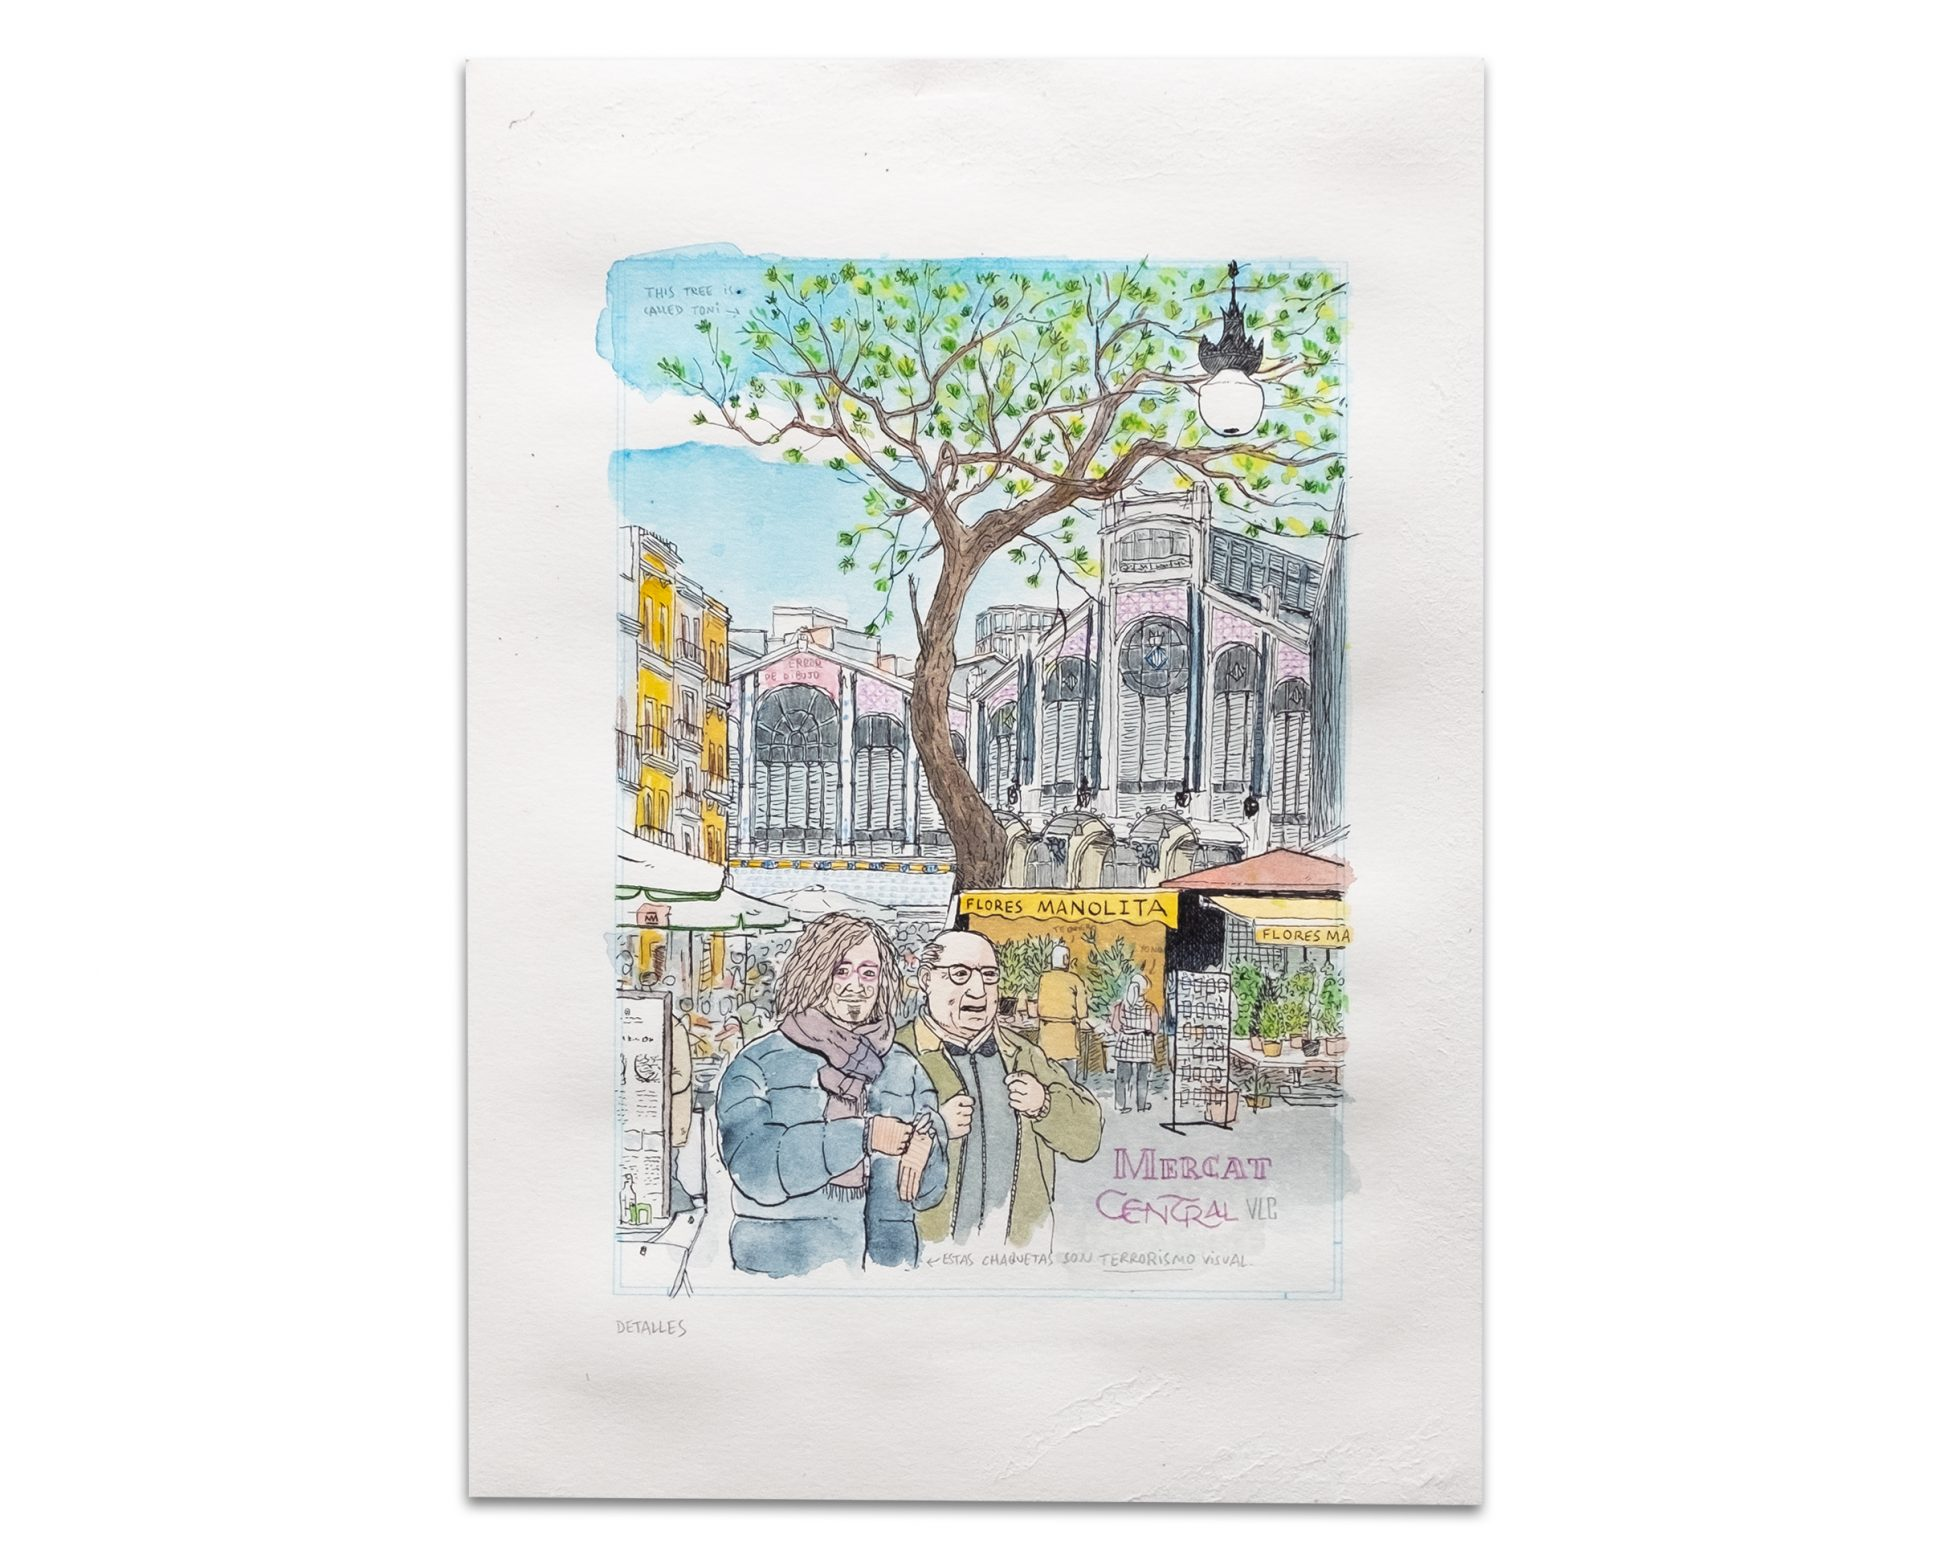 Dibujo Mercado central de valencia y flores manolita. Tinta y acuarela. urban sketchers, pintura